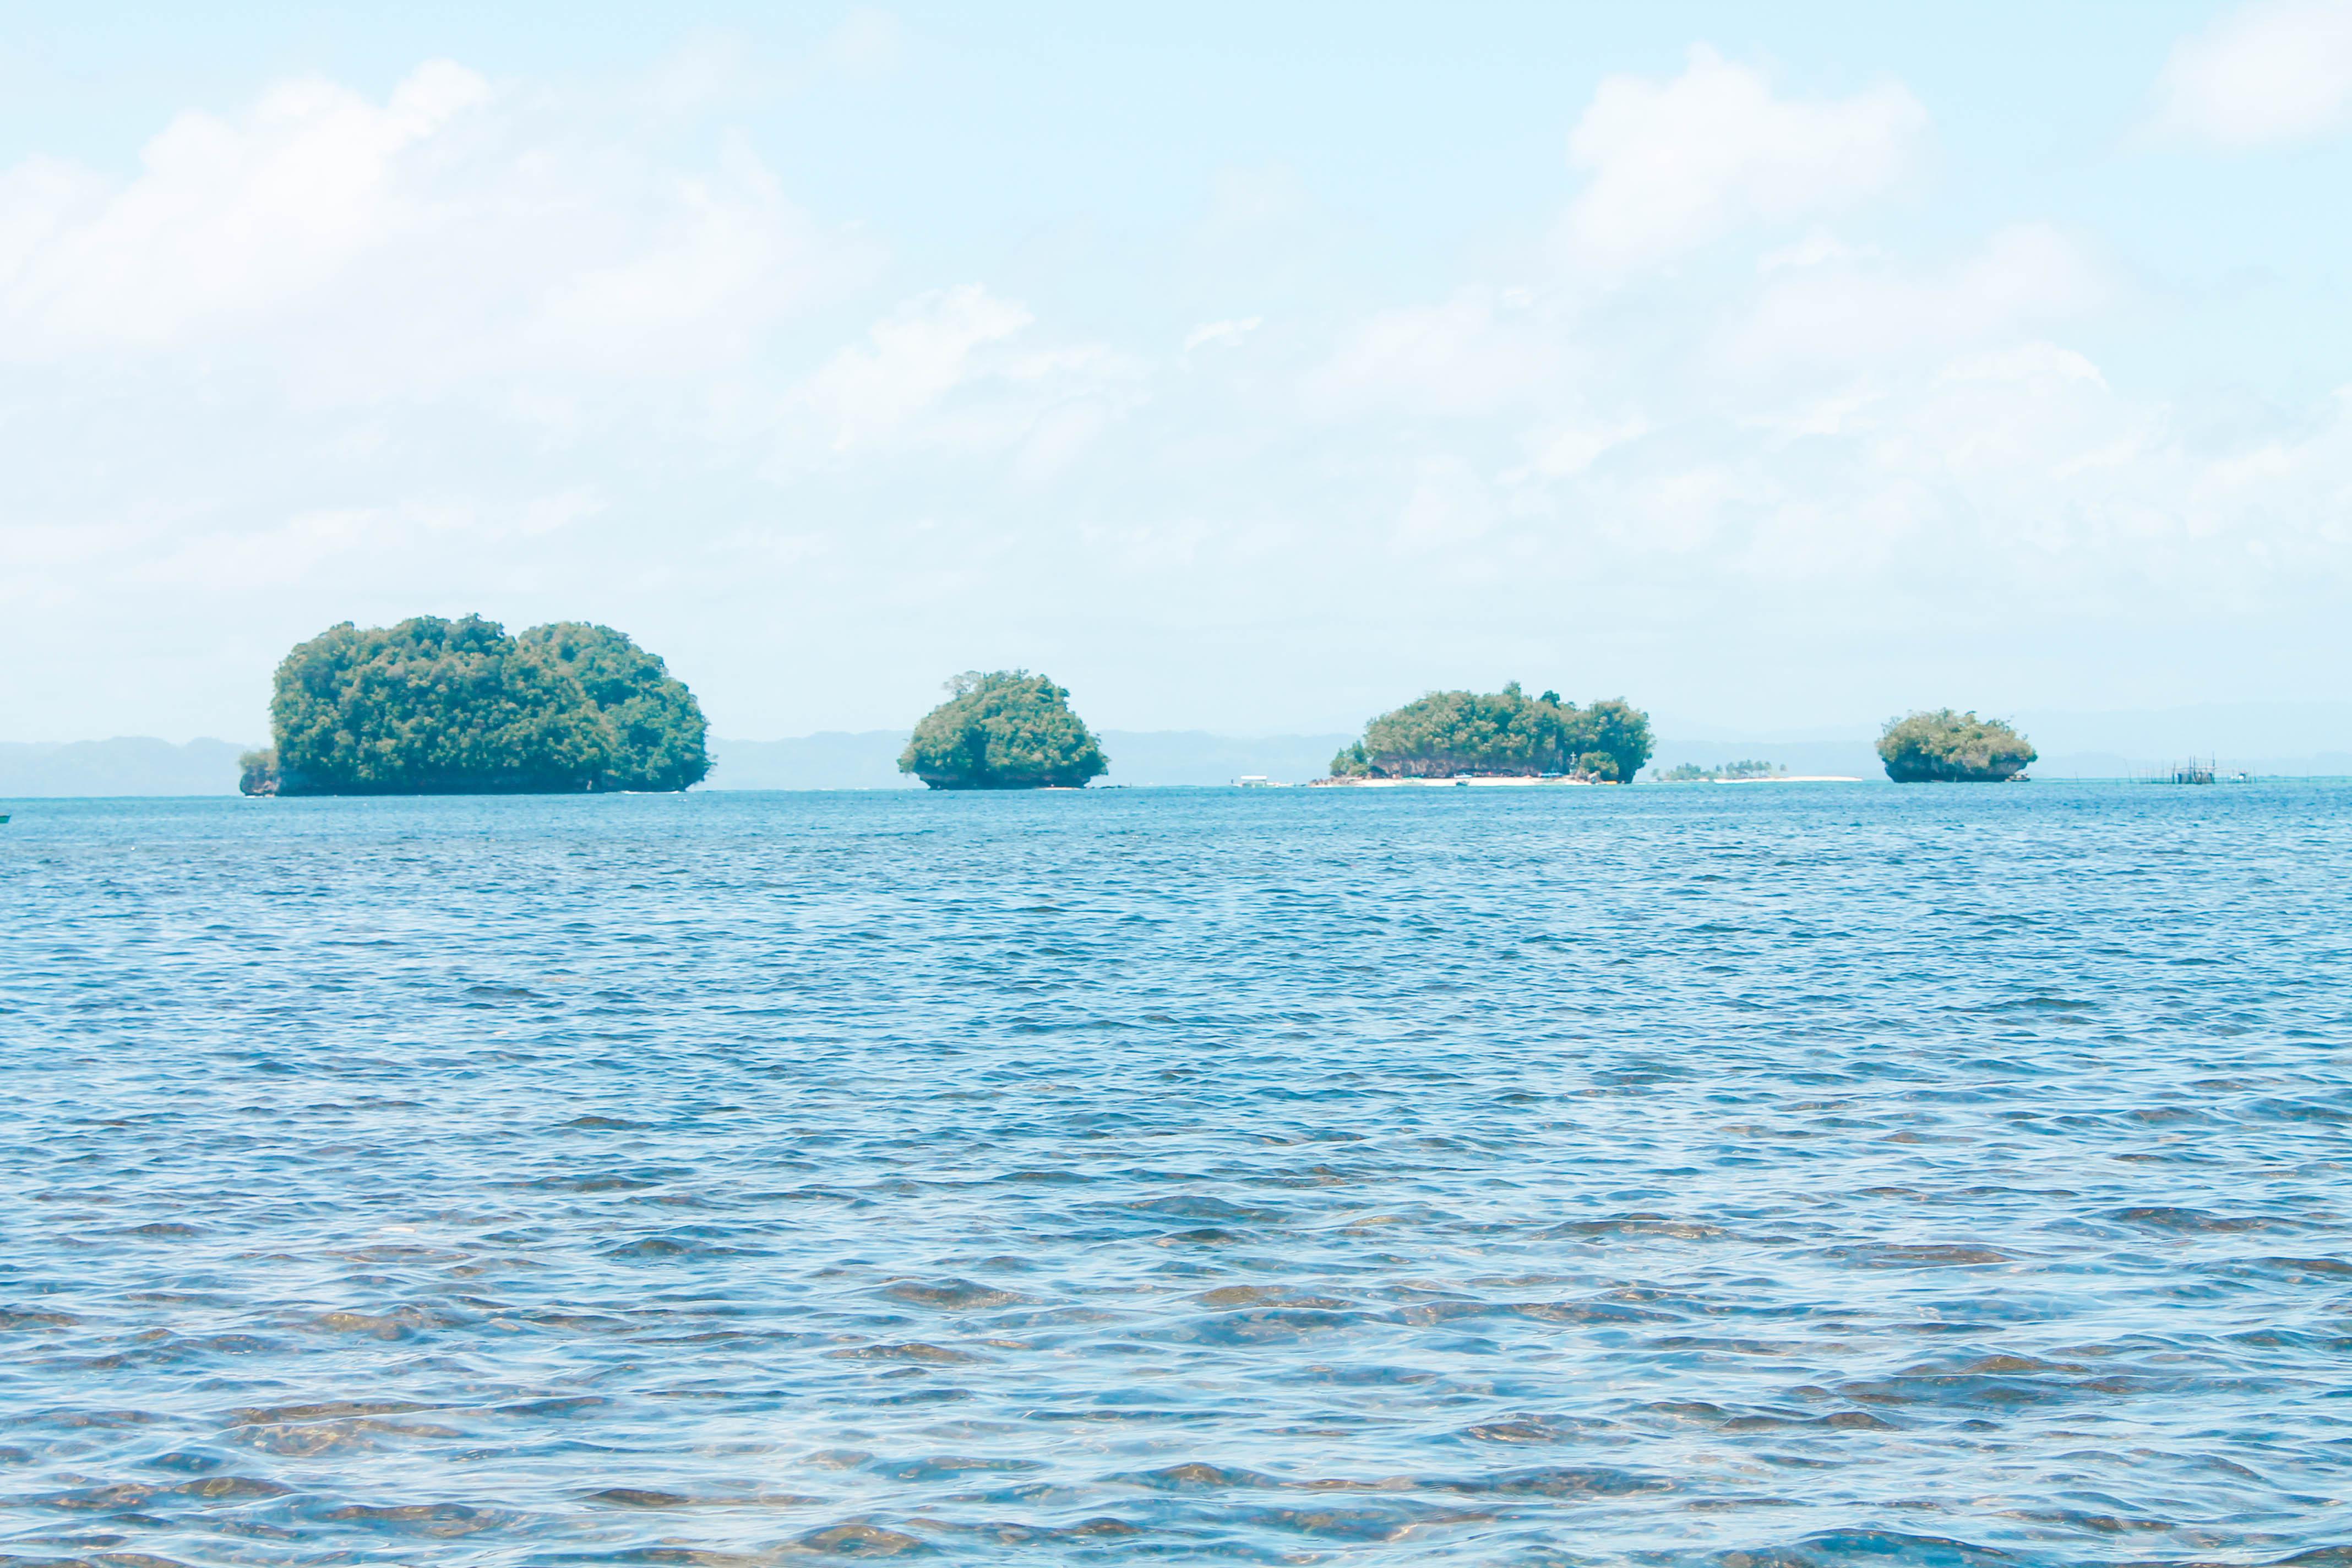 britania-group-of-islands-surigao-del-sur